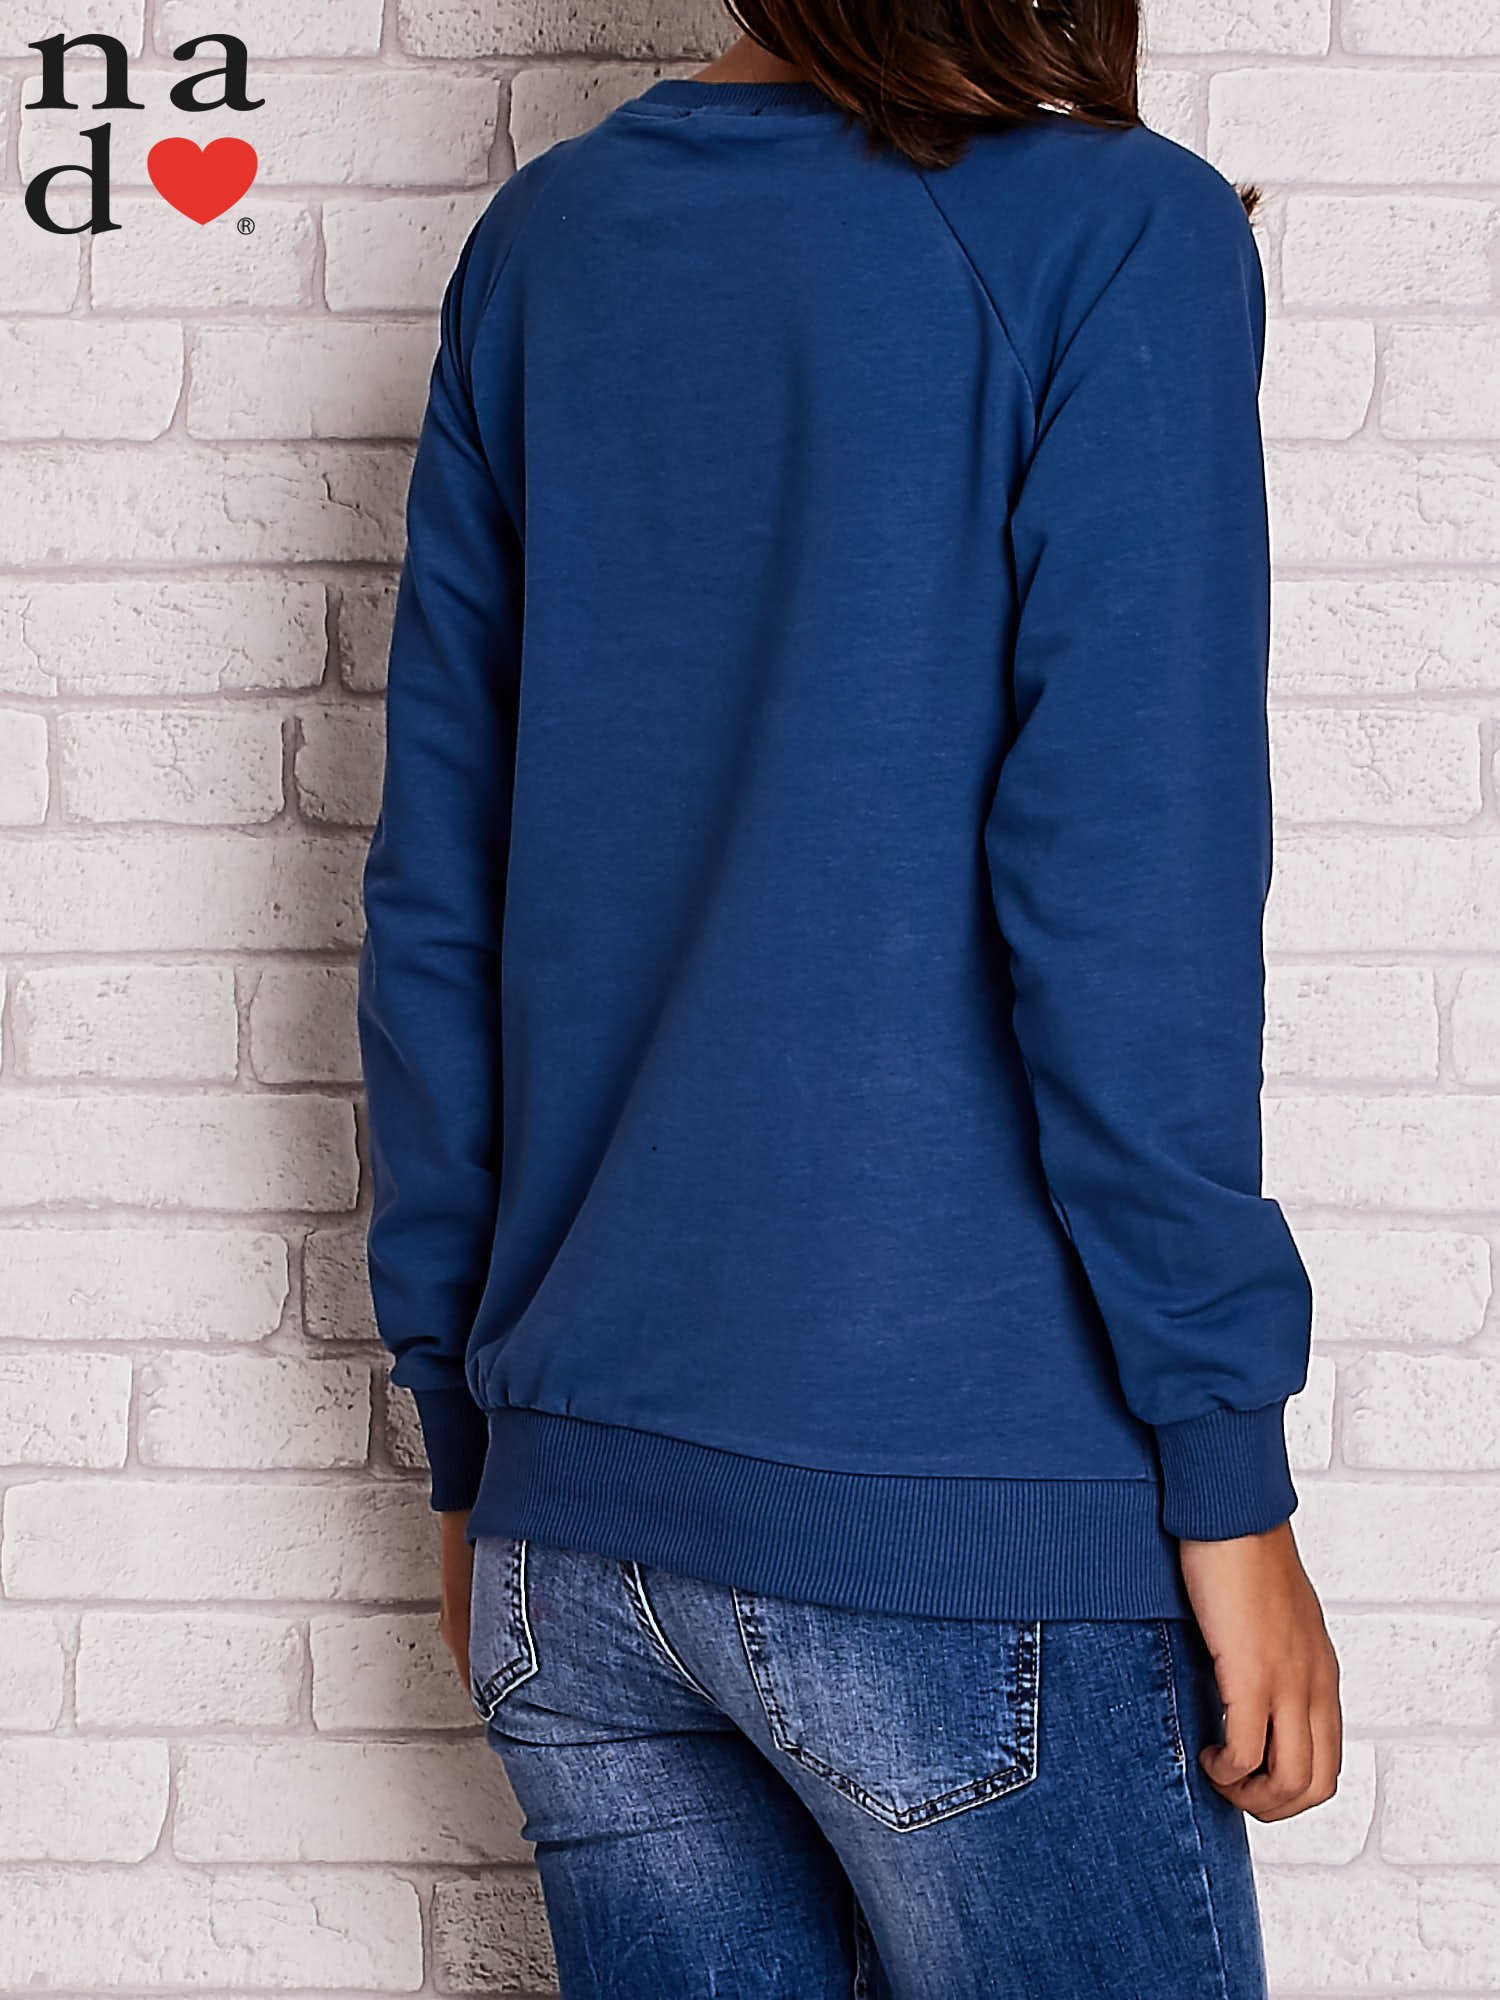 Ciemnoniebieska bluza z serduszkami                                  zdj.                                  4